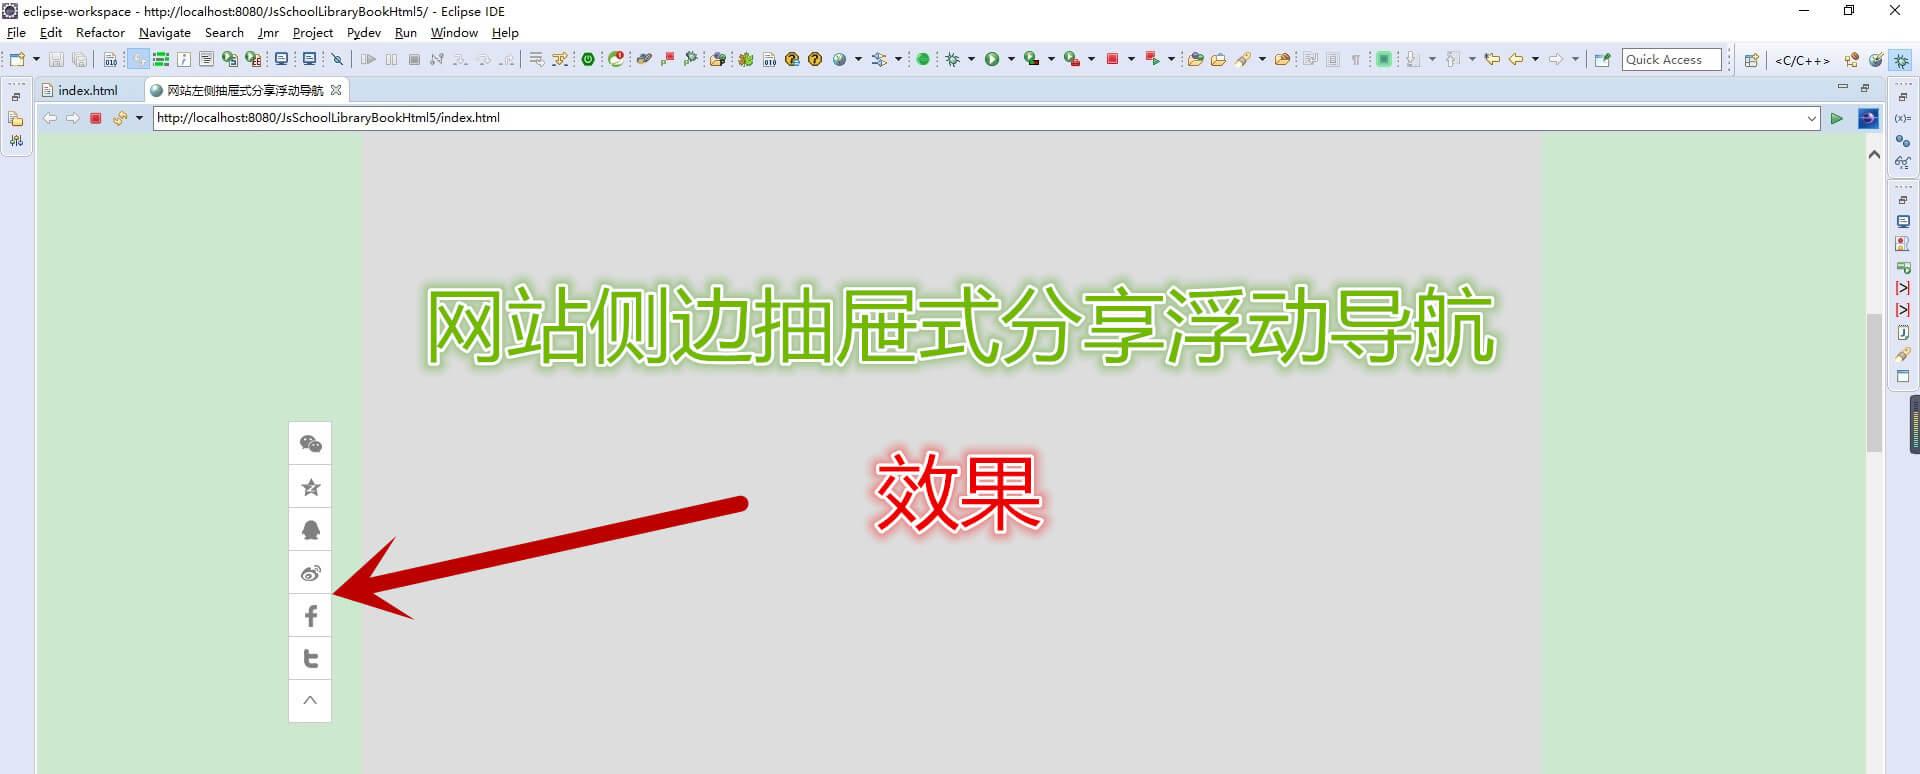 HTML5系列代码:网站侧边抽屉式分享浮动导航